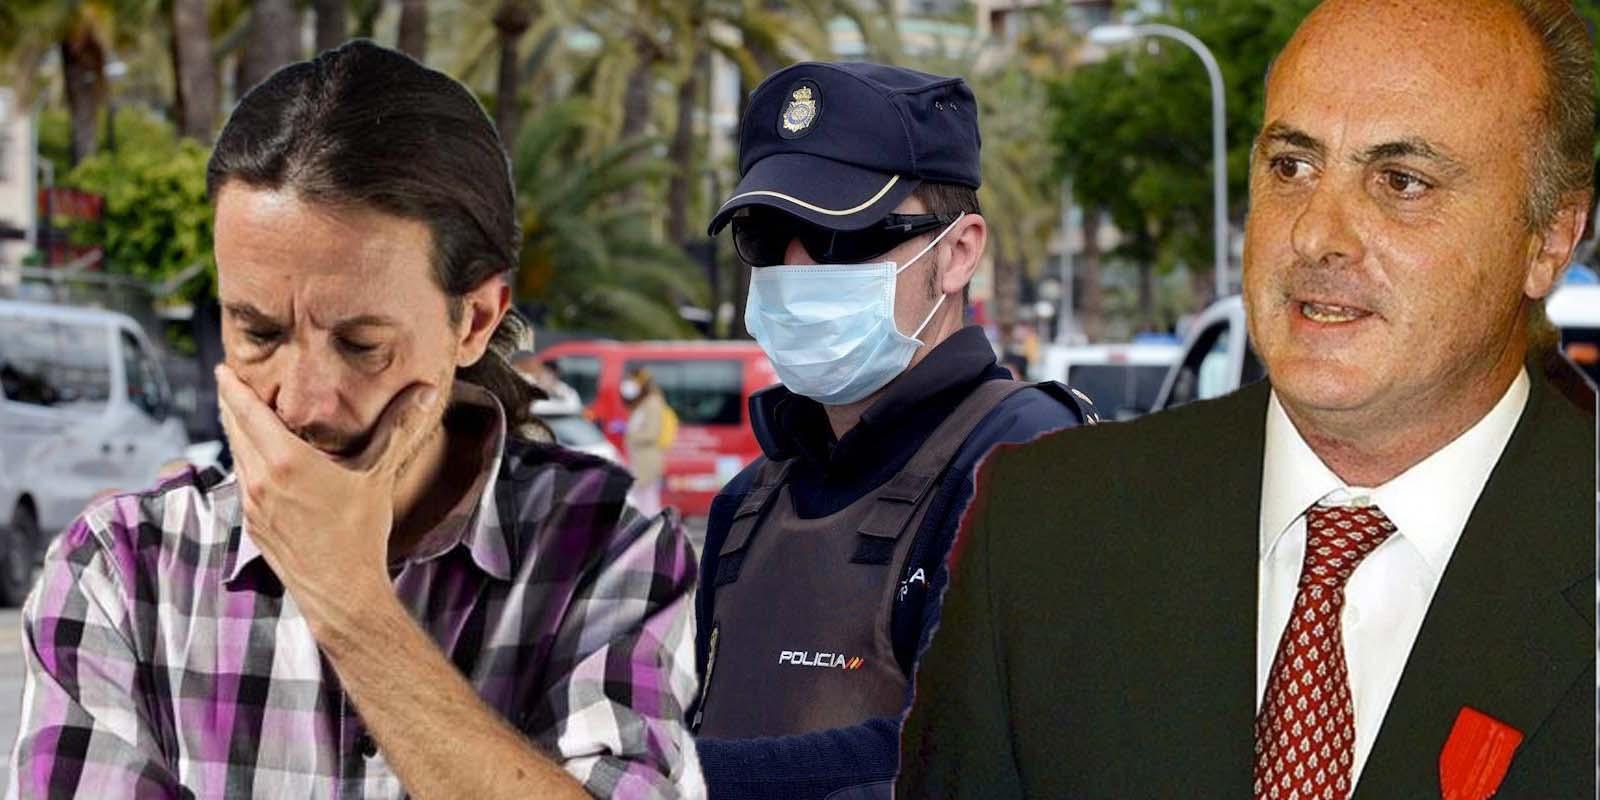 'Caso Dina': Samsung ayudará a la Policía para determinar cómo se destruyó la tarjeta de la asesora de Iglesias